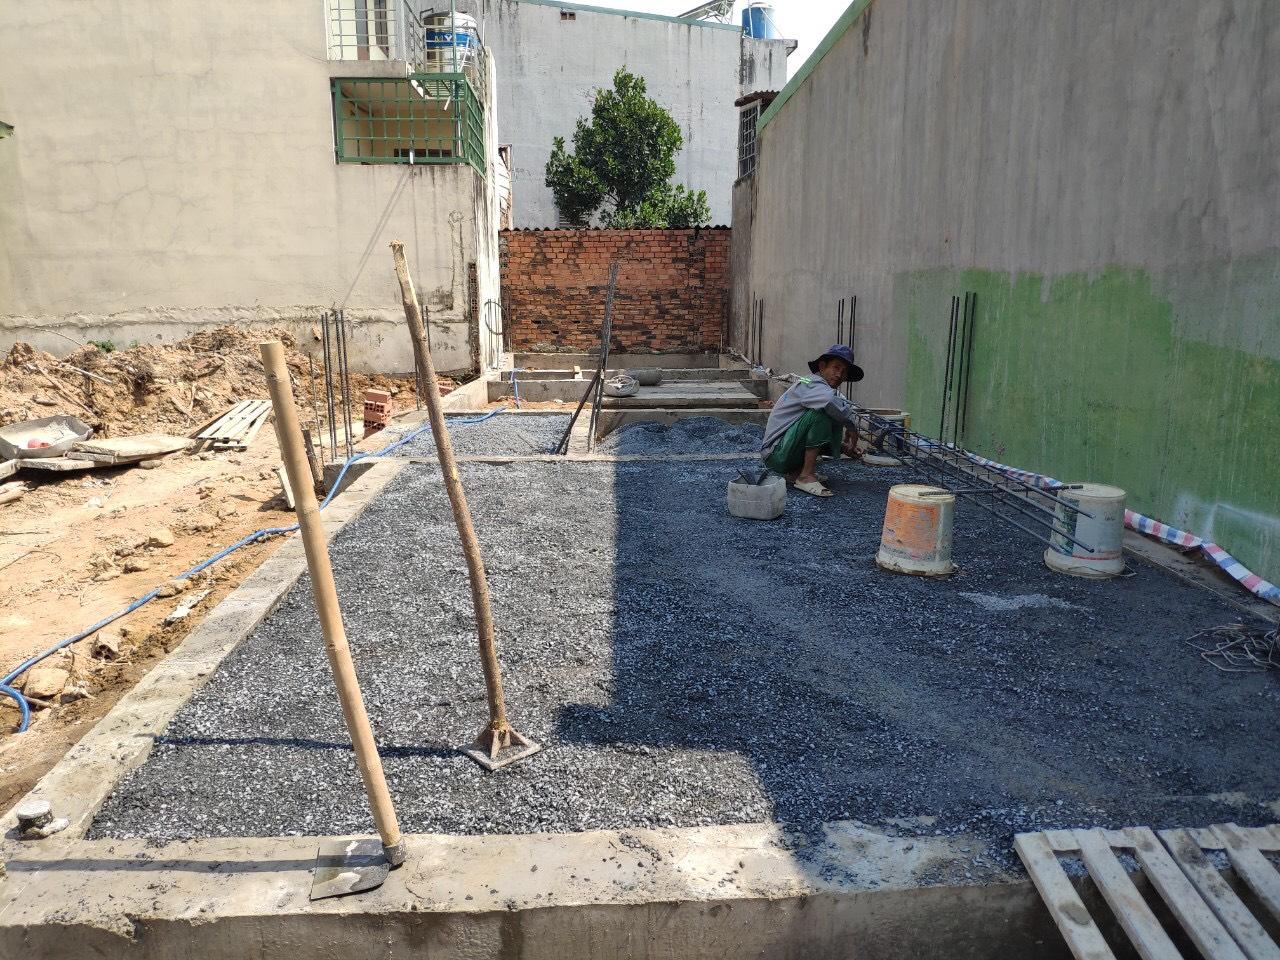 Hình ảnh thi công xây dựng công trình Biên Hòa Đồng Nai 7